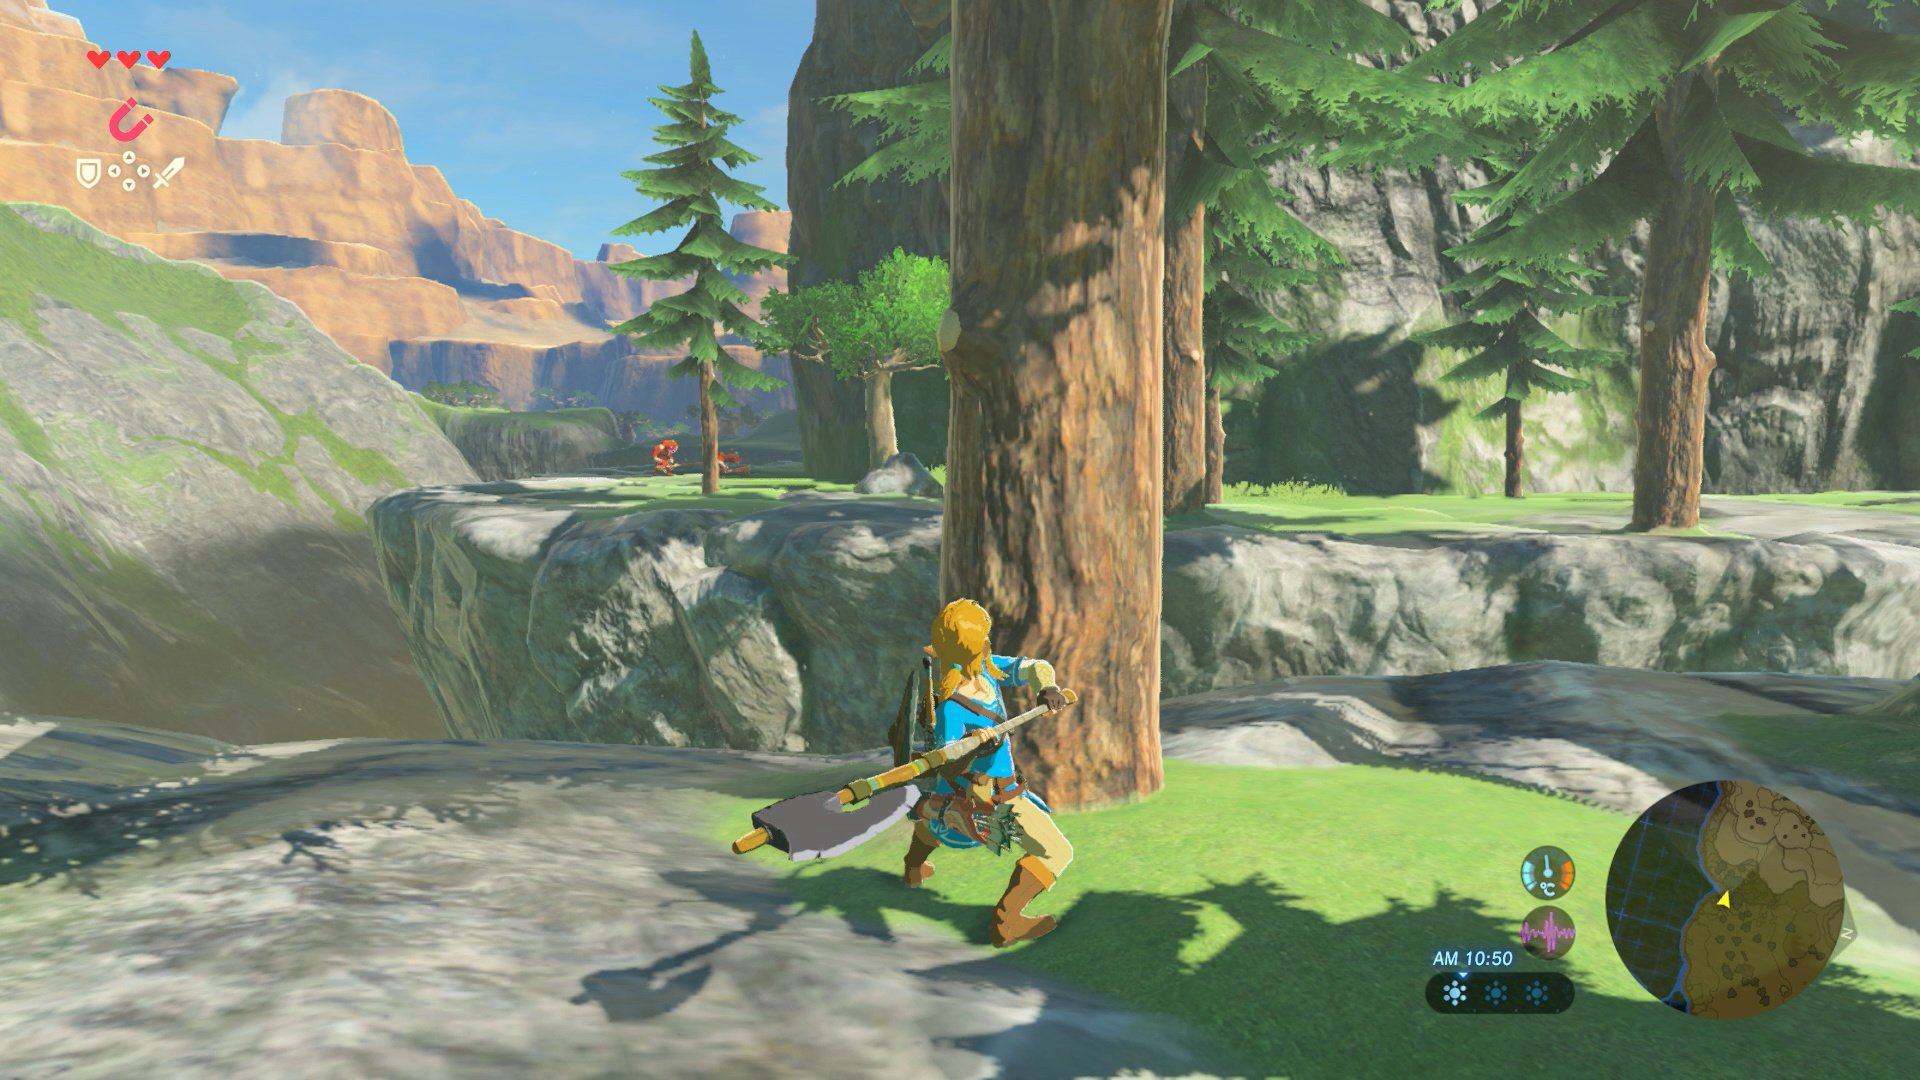 Nintendo releases new The Legend of Zelda: Breath of the